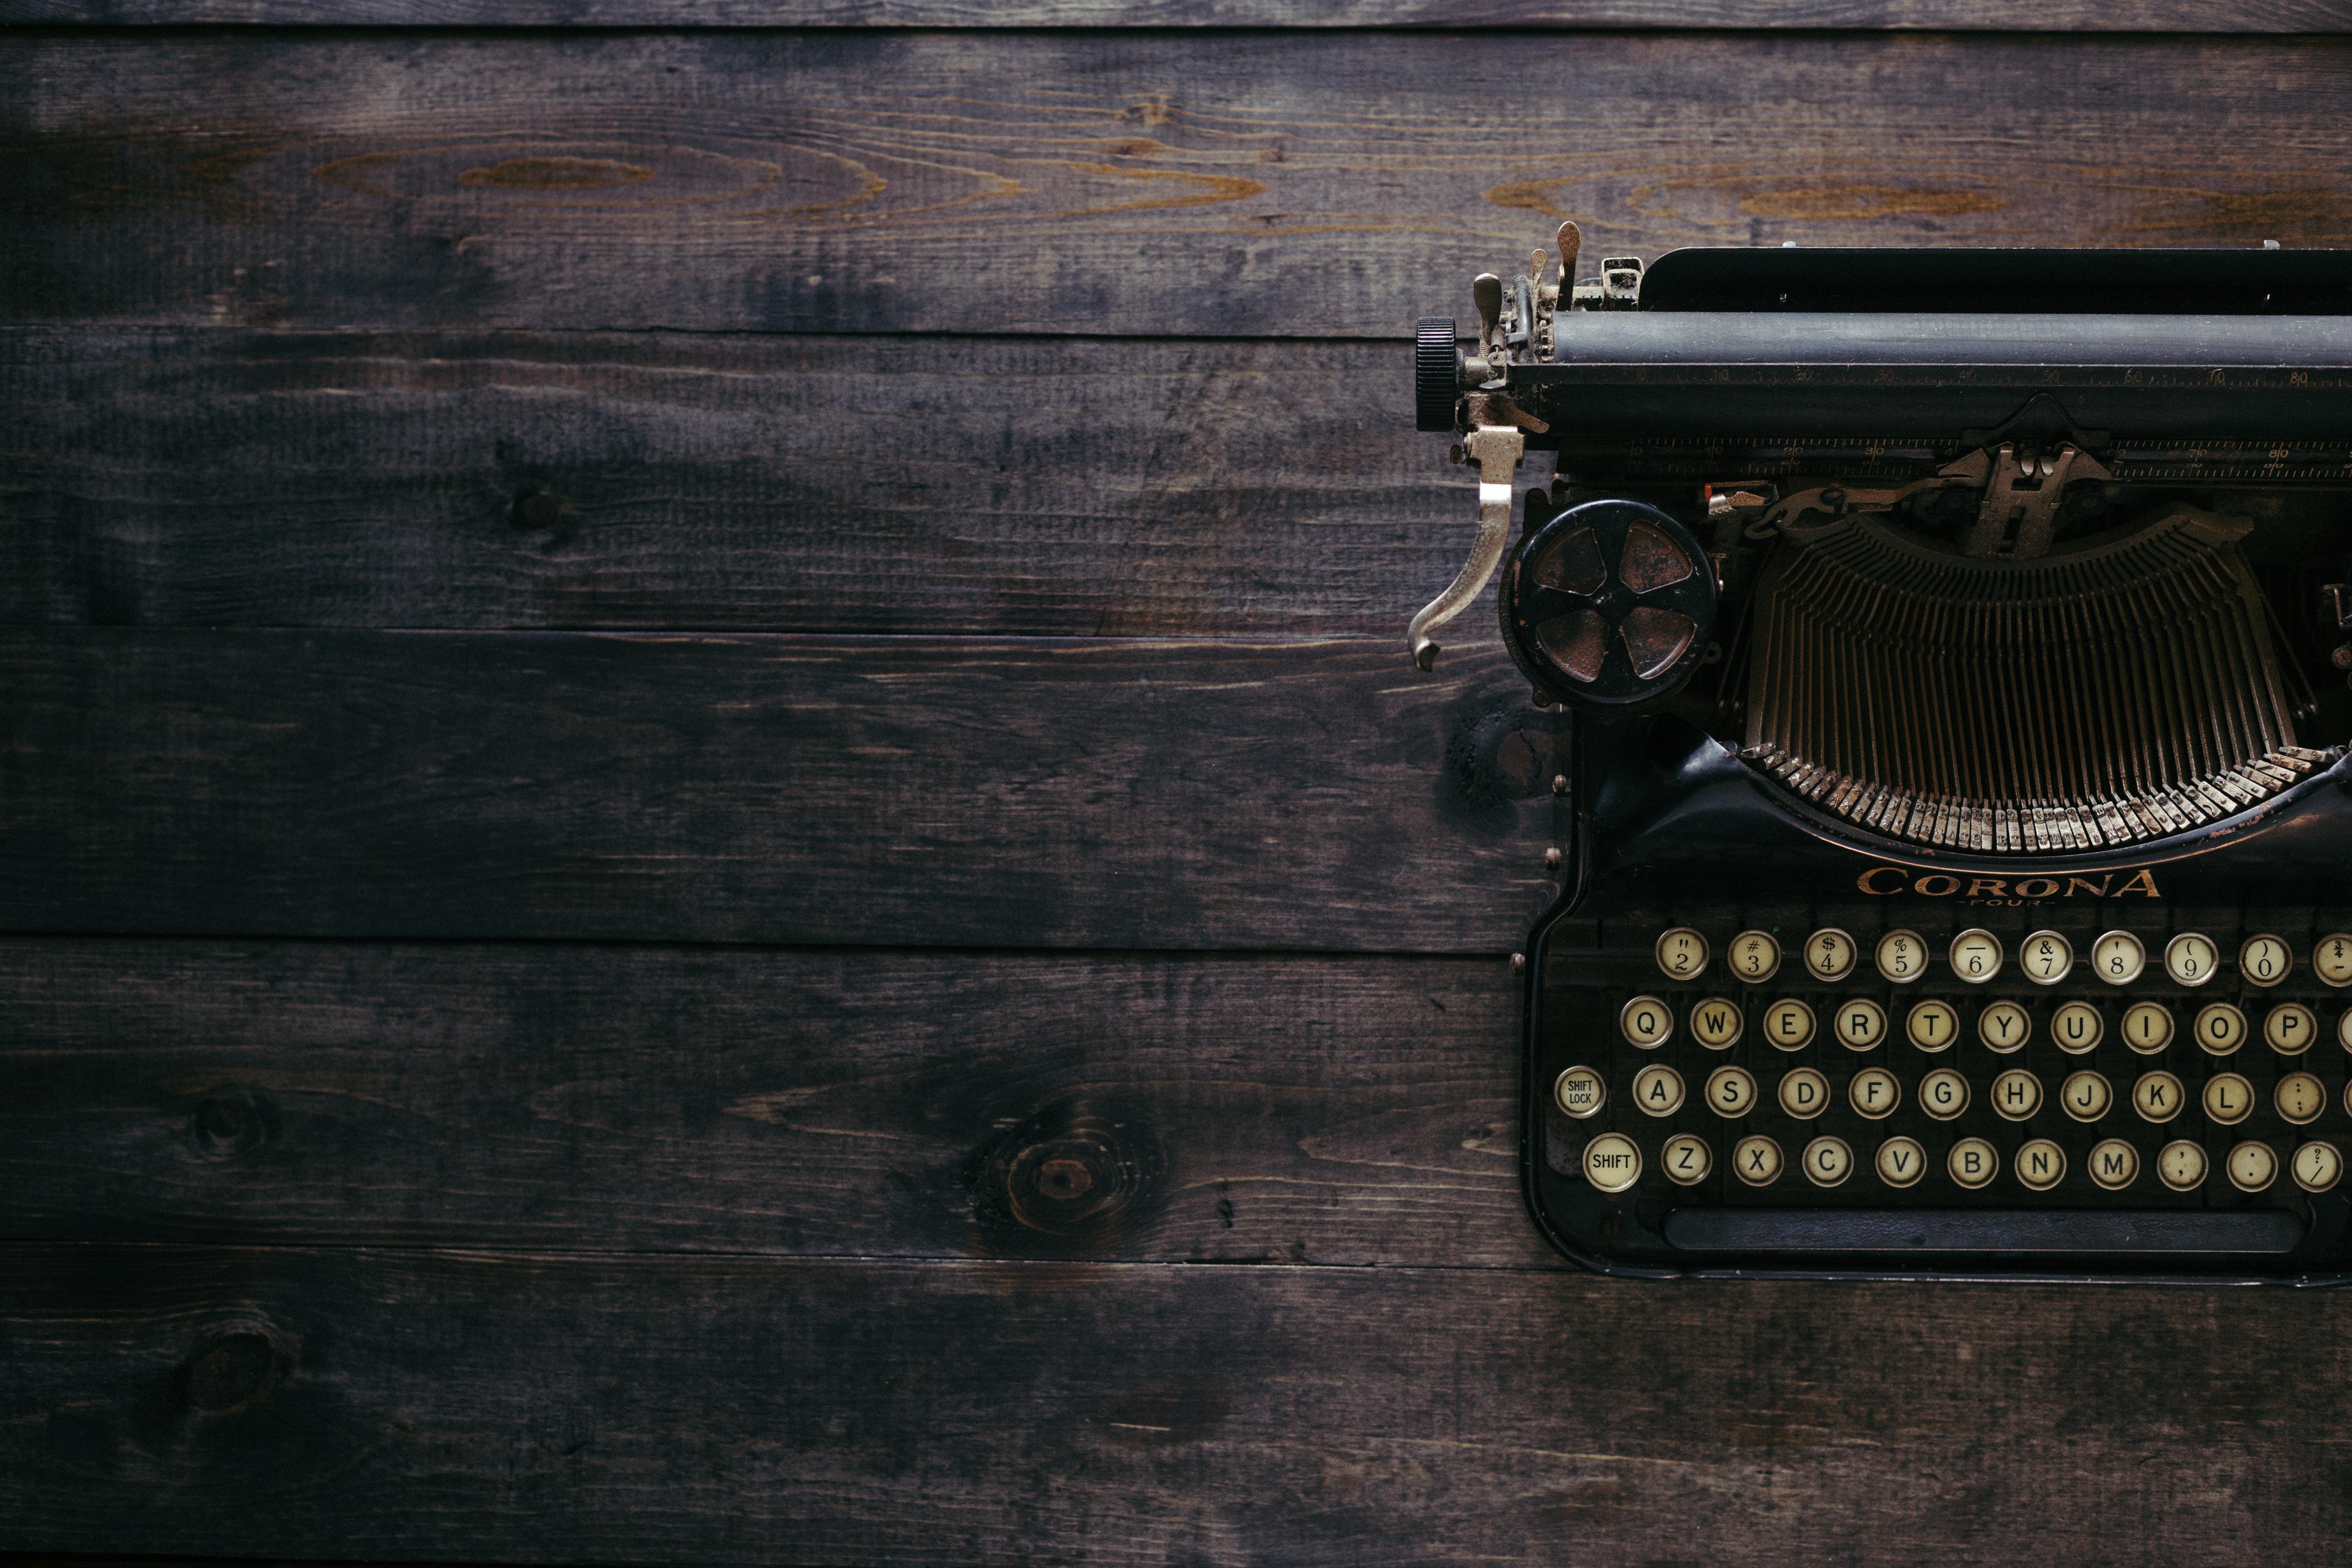 من مدیون وبلاگنویسی هستم (برای روز وبلاگستان فارسی)